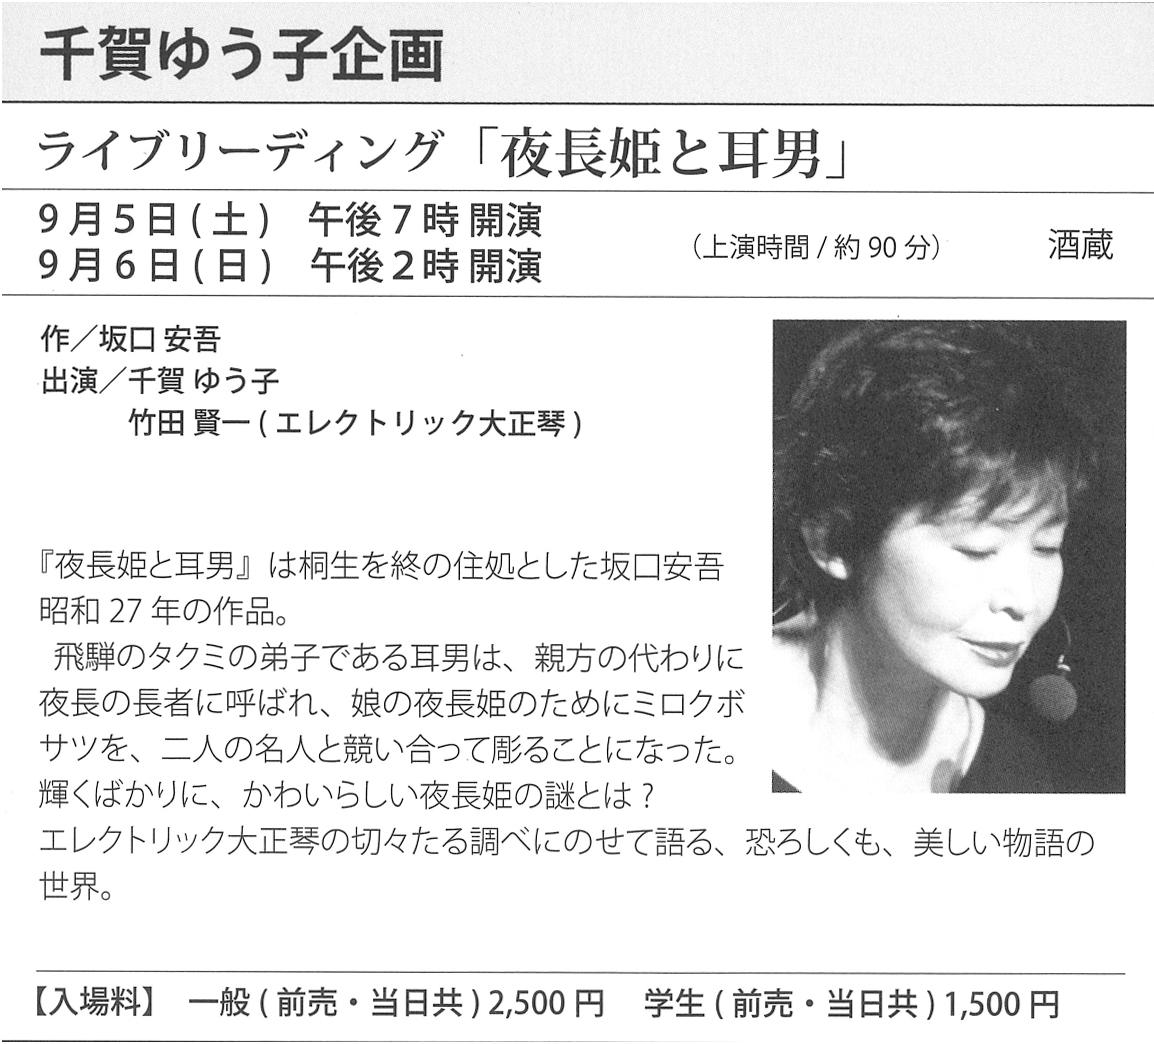 千賀ゆうこ 9/5-6